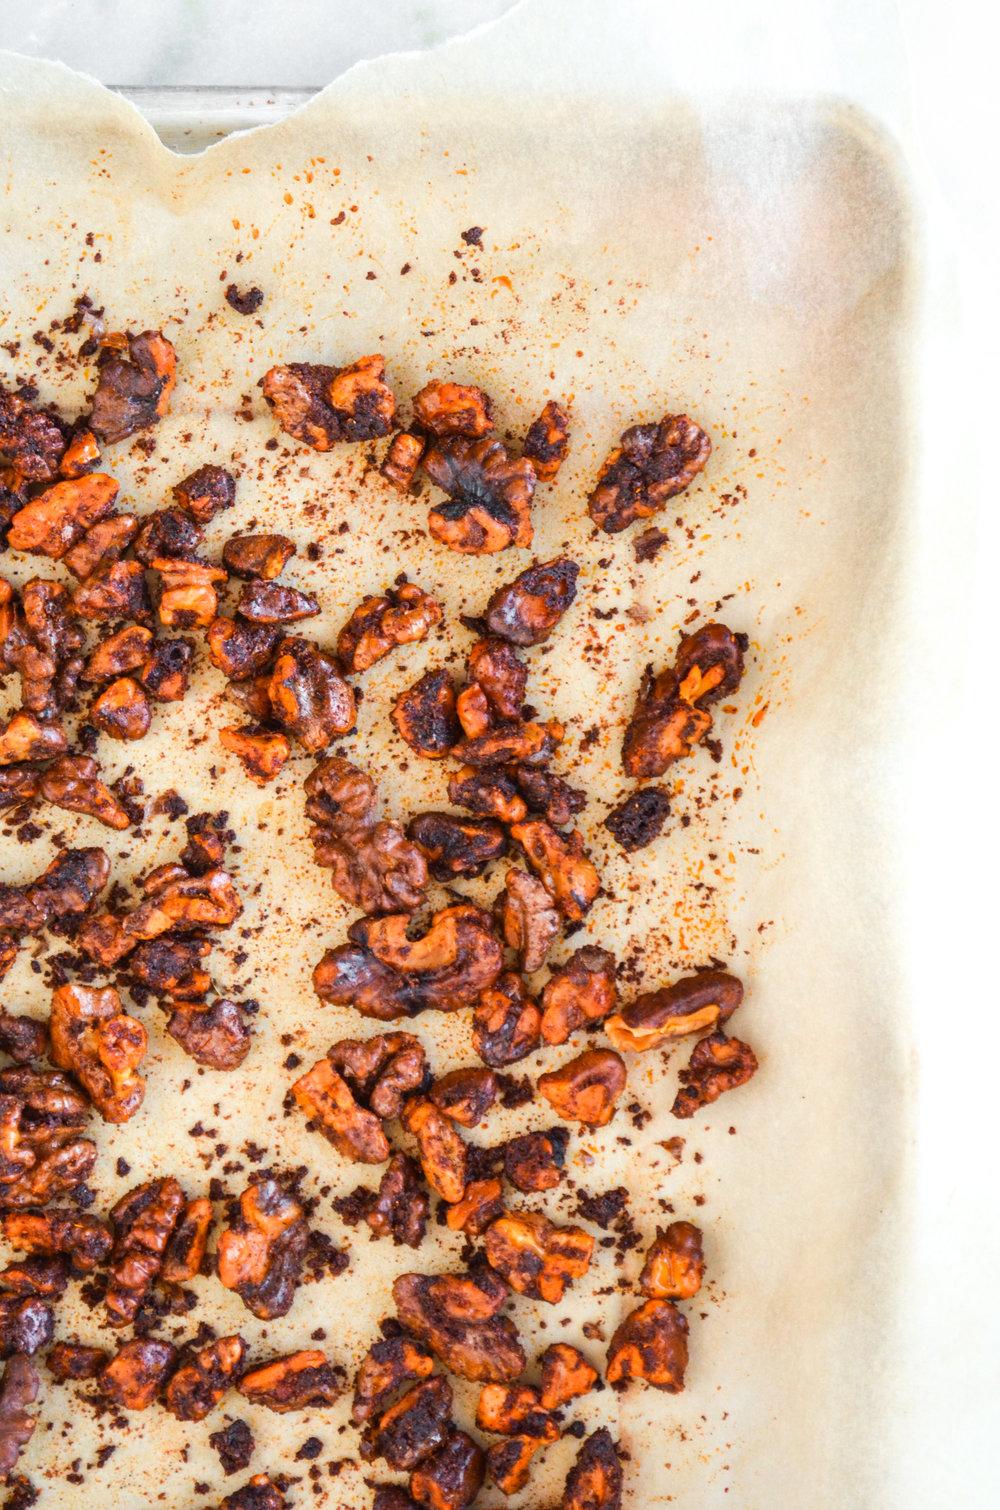 paleo paprika roasted walnuts // #ShiraRD #paleo #refinedsugarfree #SnacksbyShira